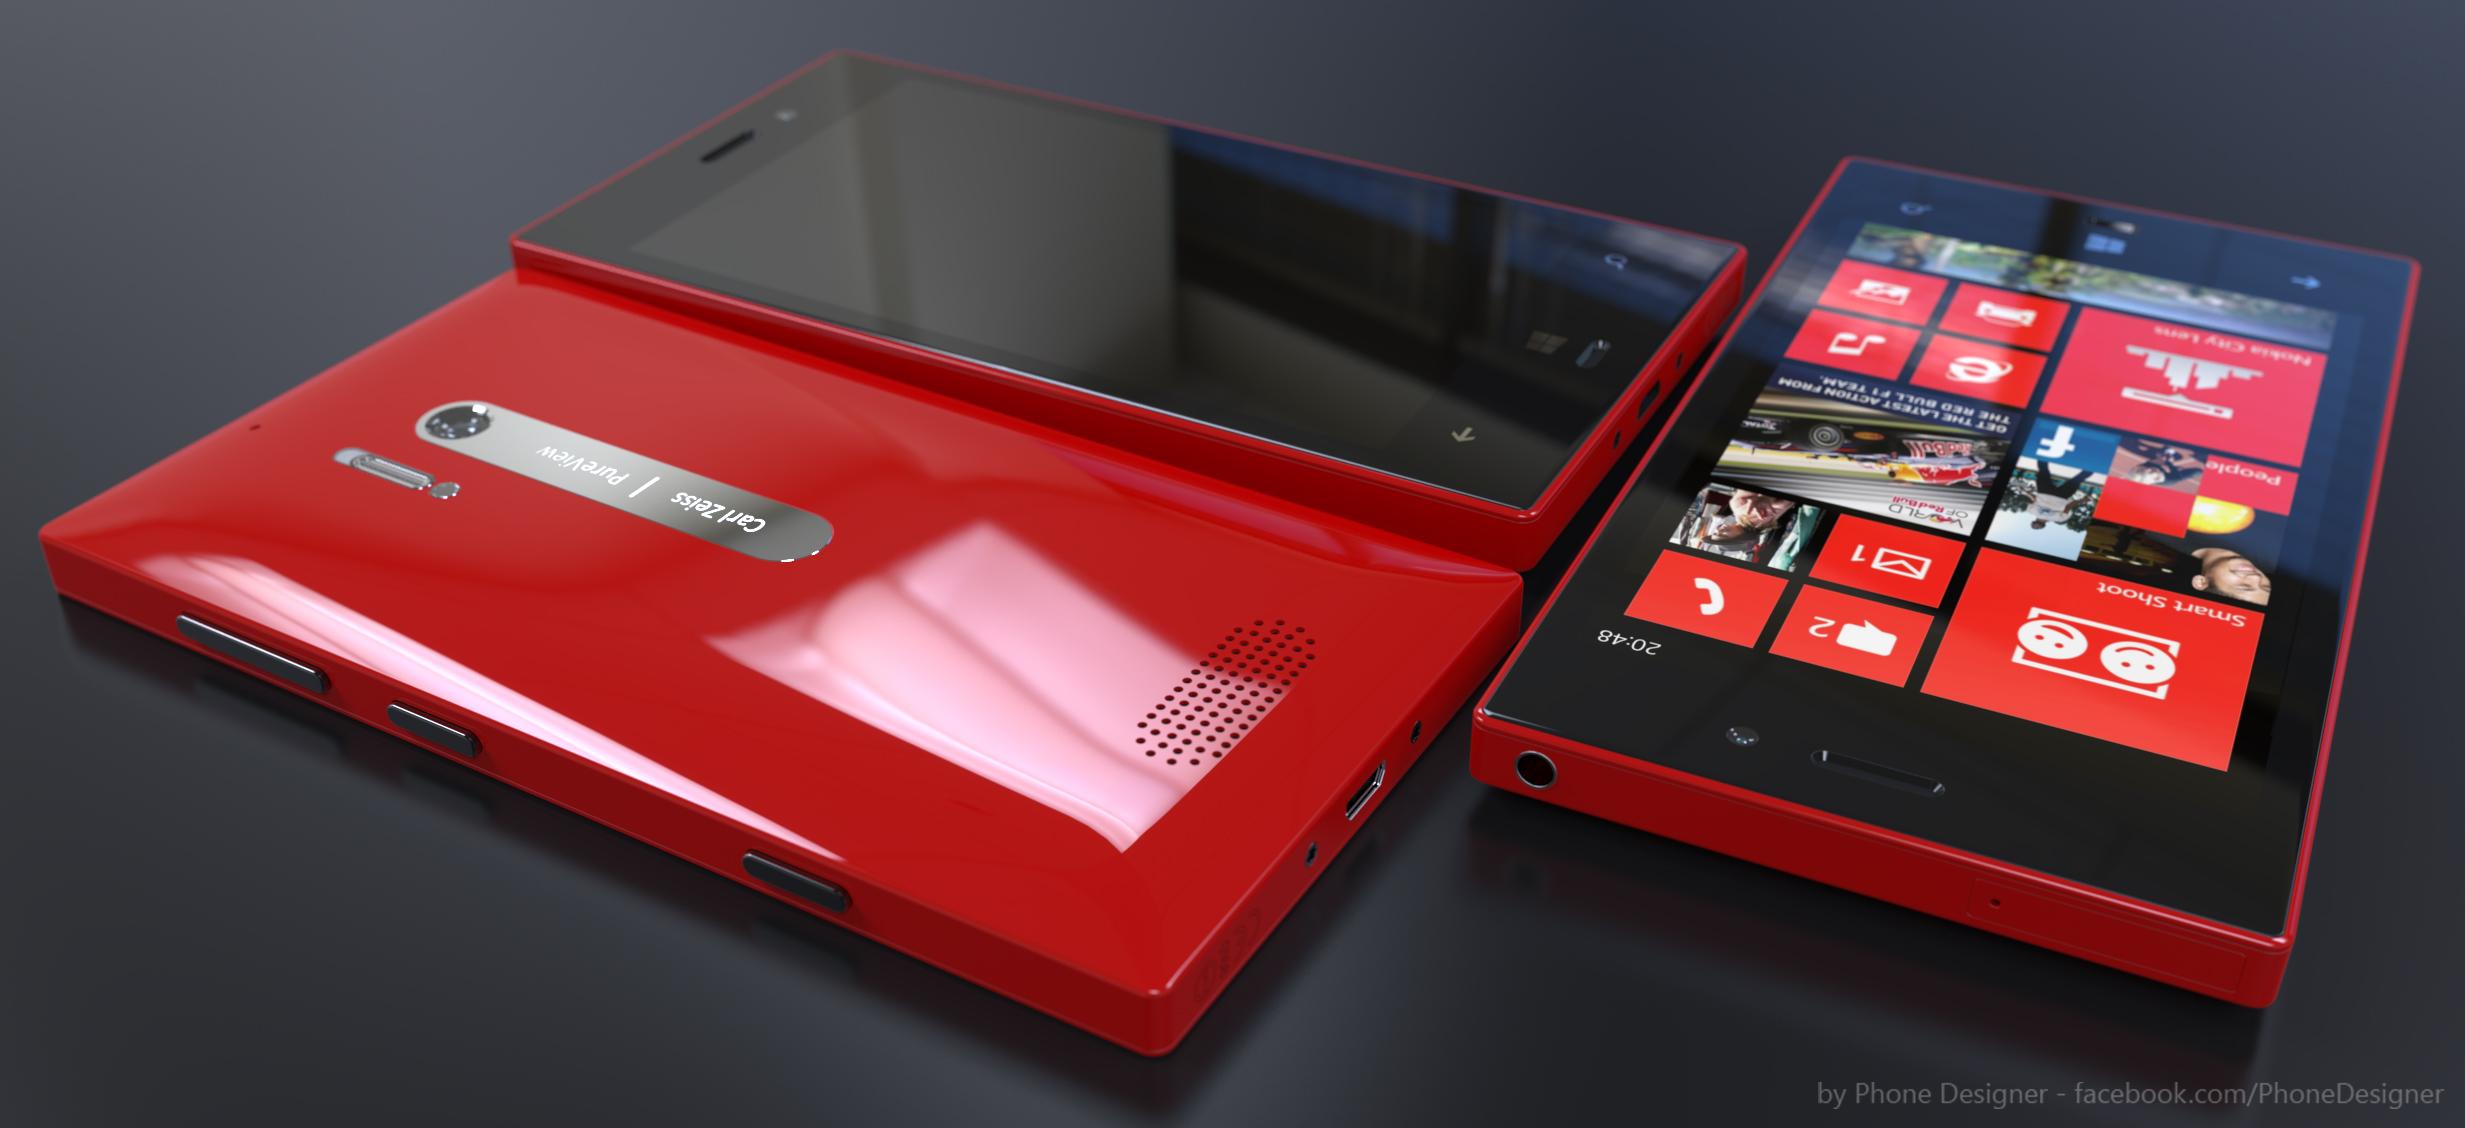 Lumia 928 không đơn giản chỉ là Lumia 920 vỏ nhôm 1